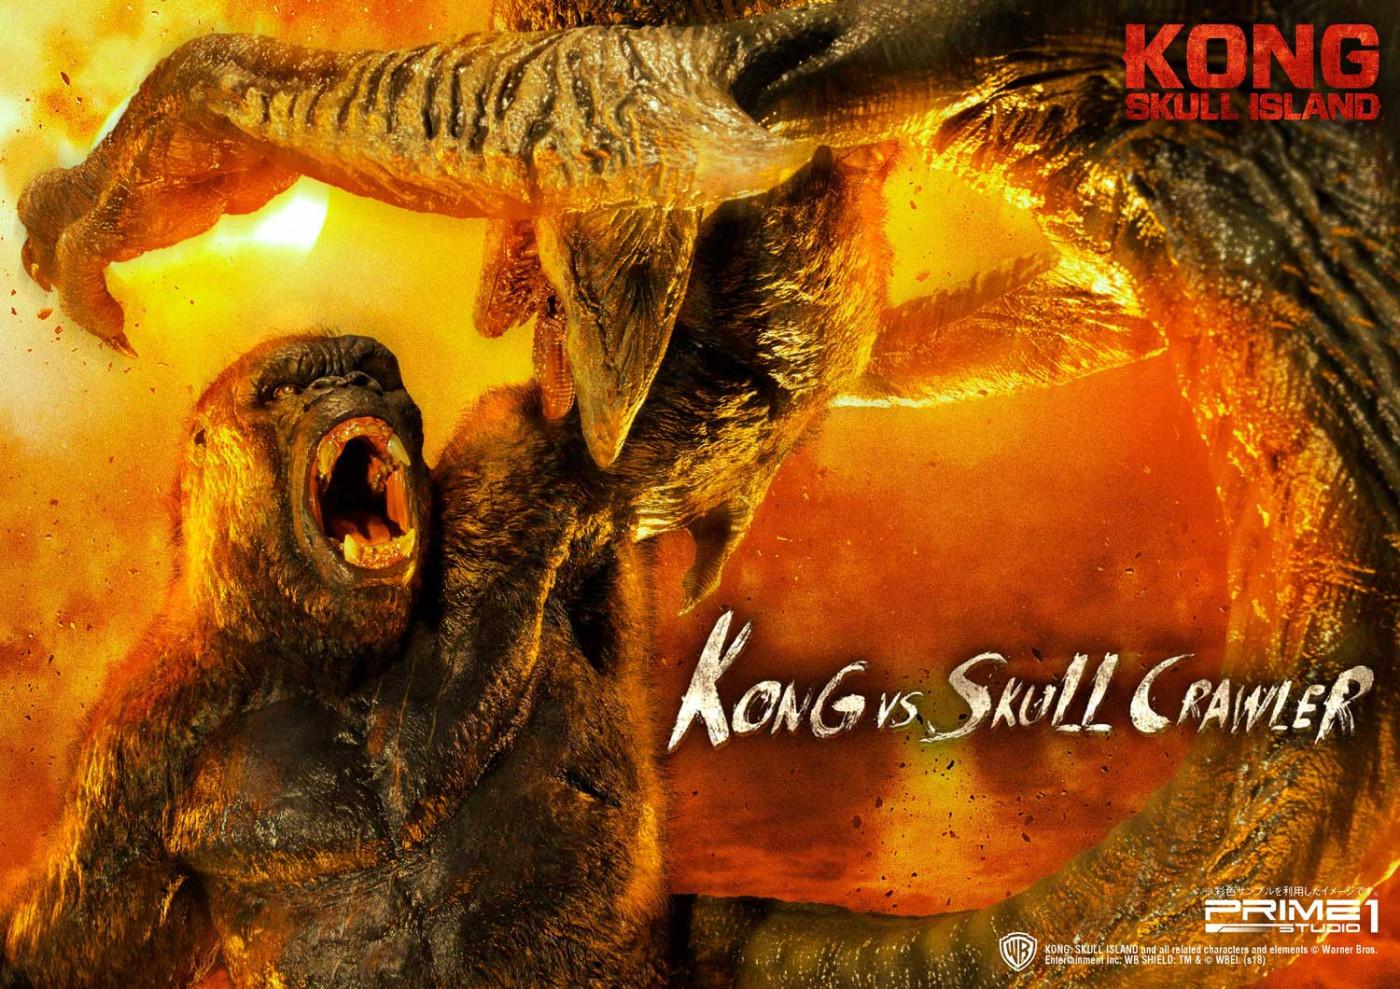 アルティメットジオラママスターライン キングコング:髑髏島の巨神 コング VS スカルクローラー